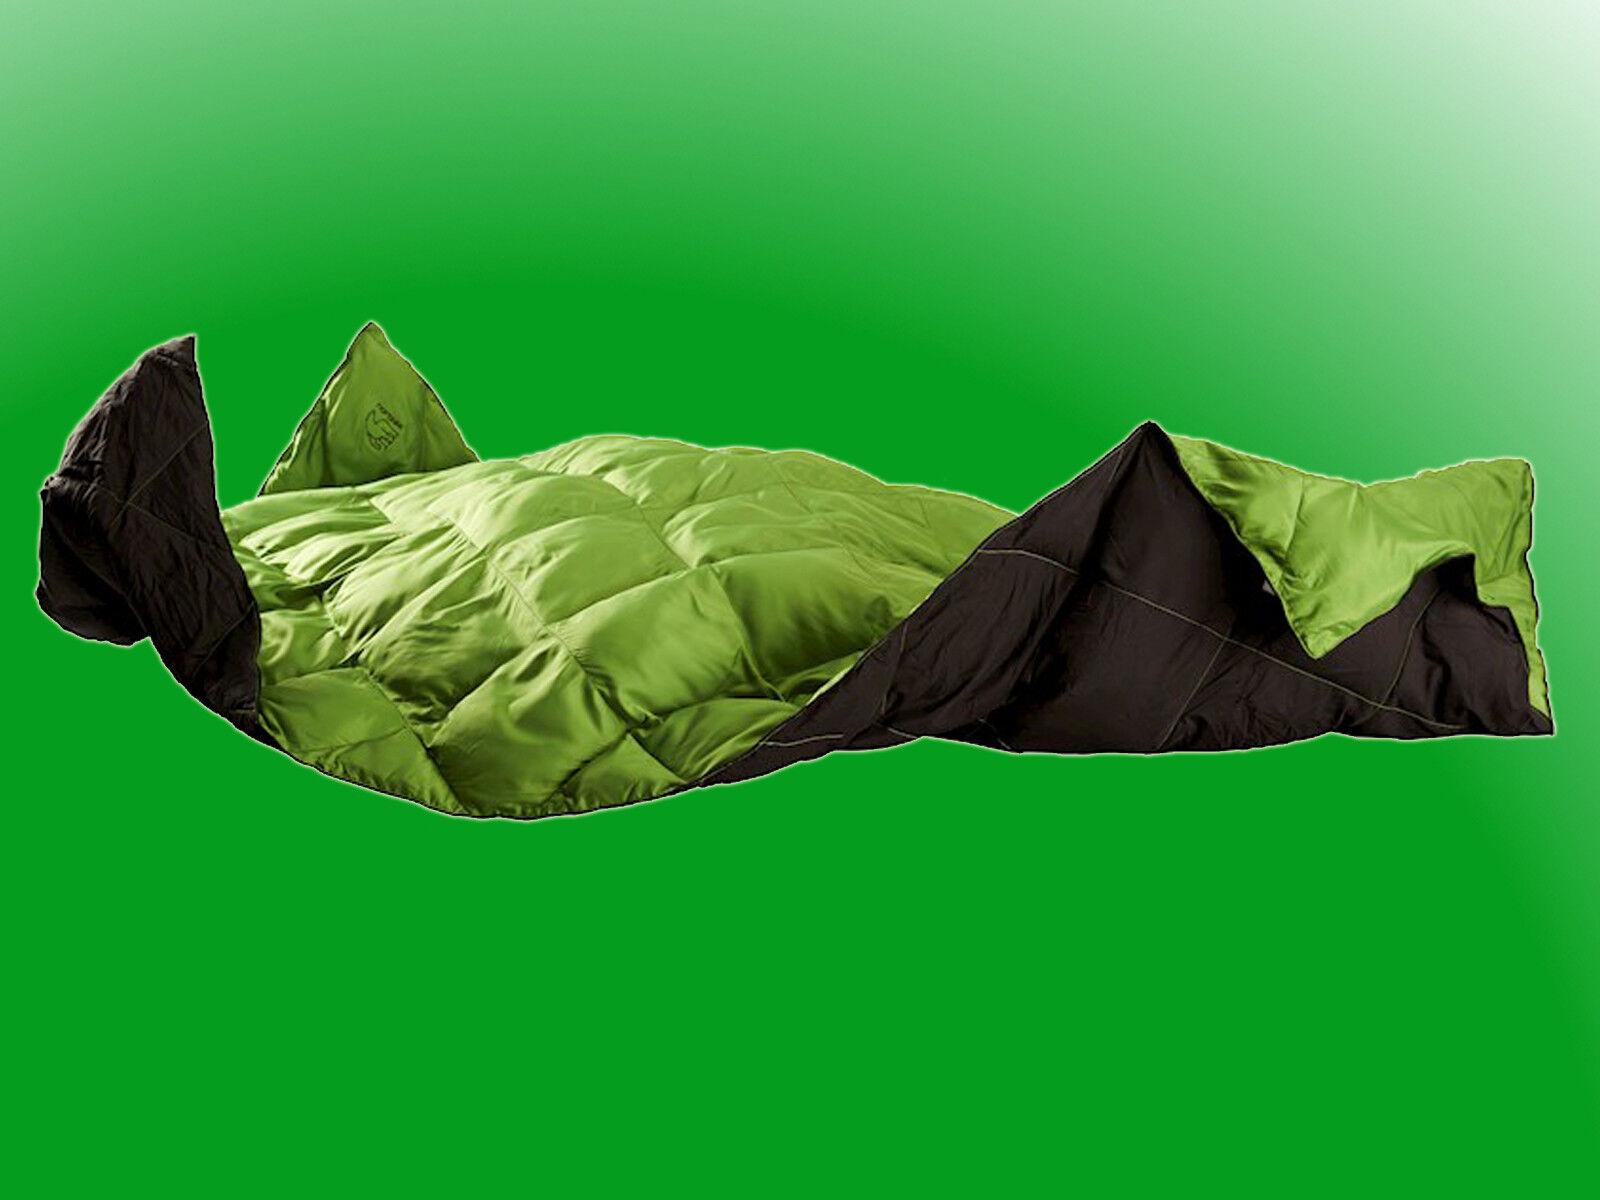 Nordisk ekeblad Leisure-Pack bare fibre sintetiche-coperta, ultraleggero & compatto